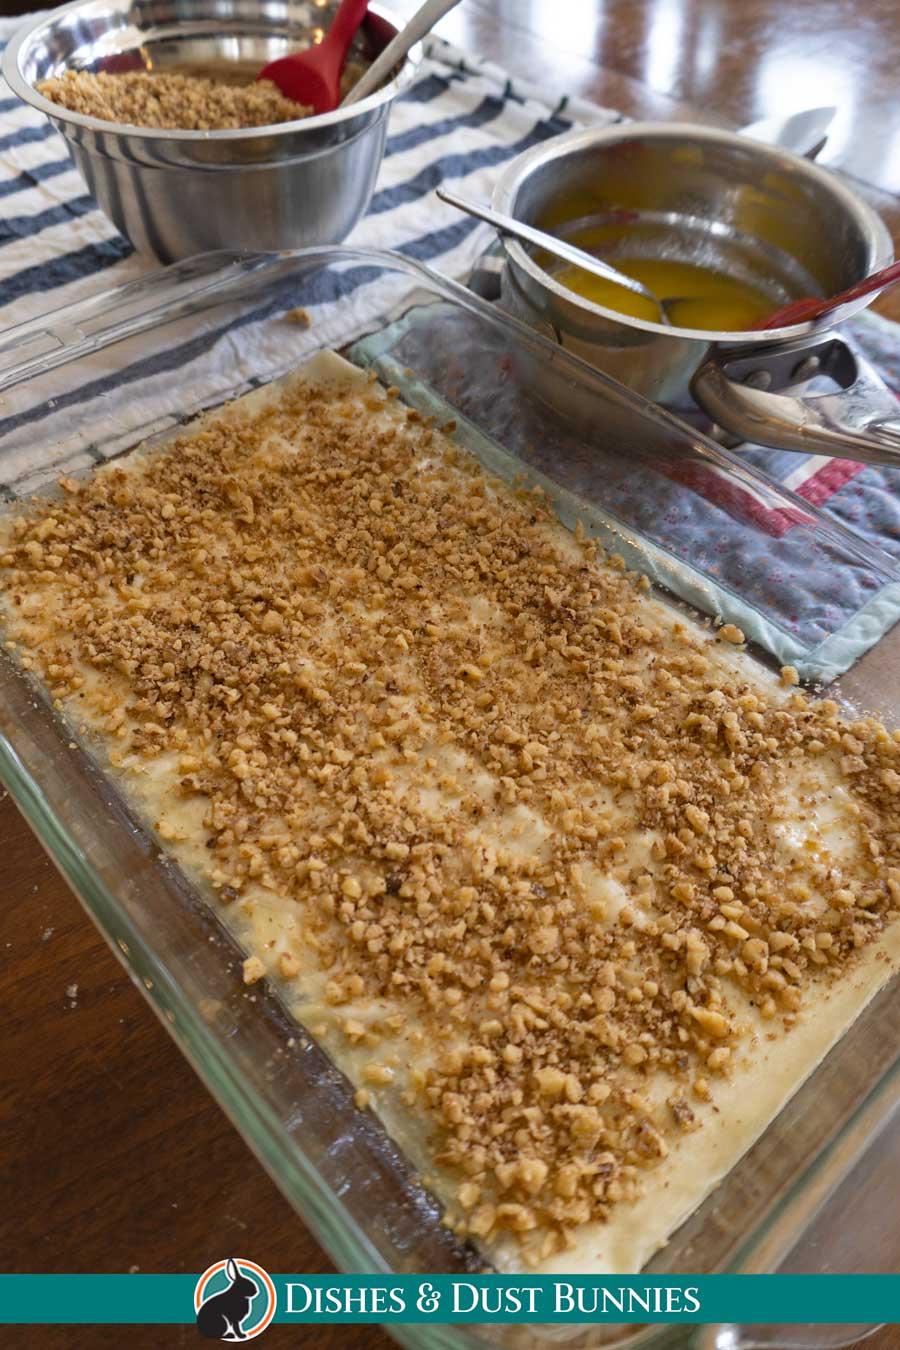 Homemade Baklava - first layer